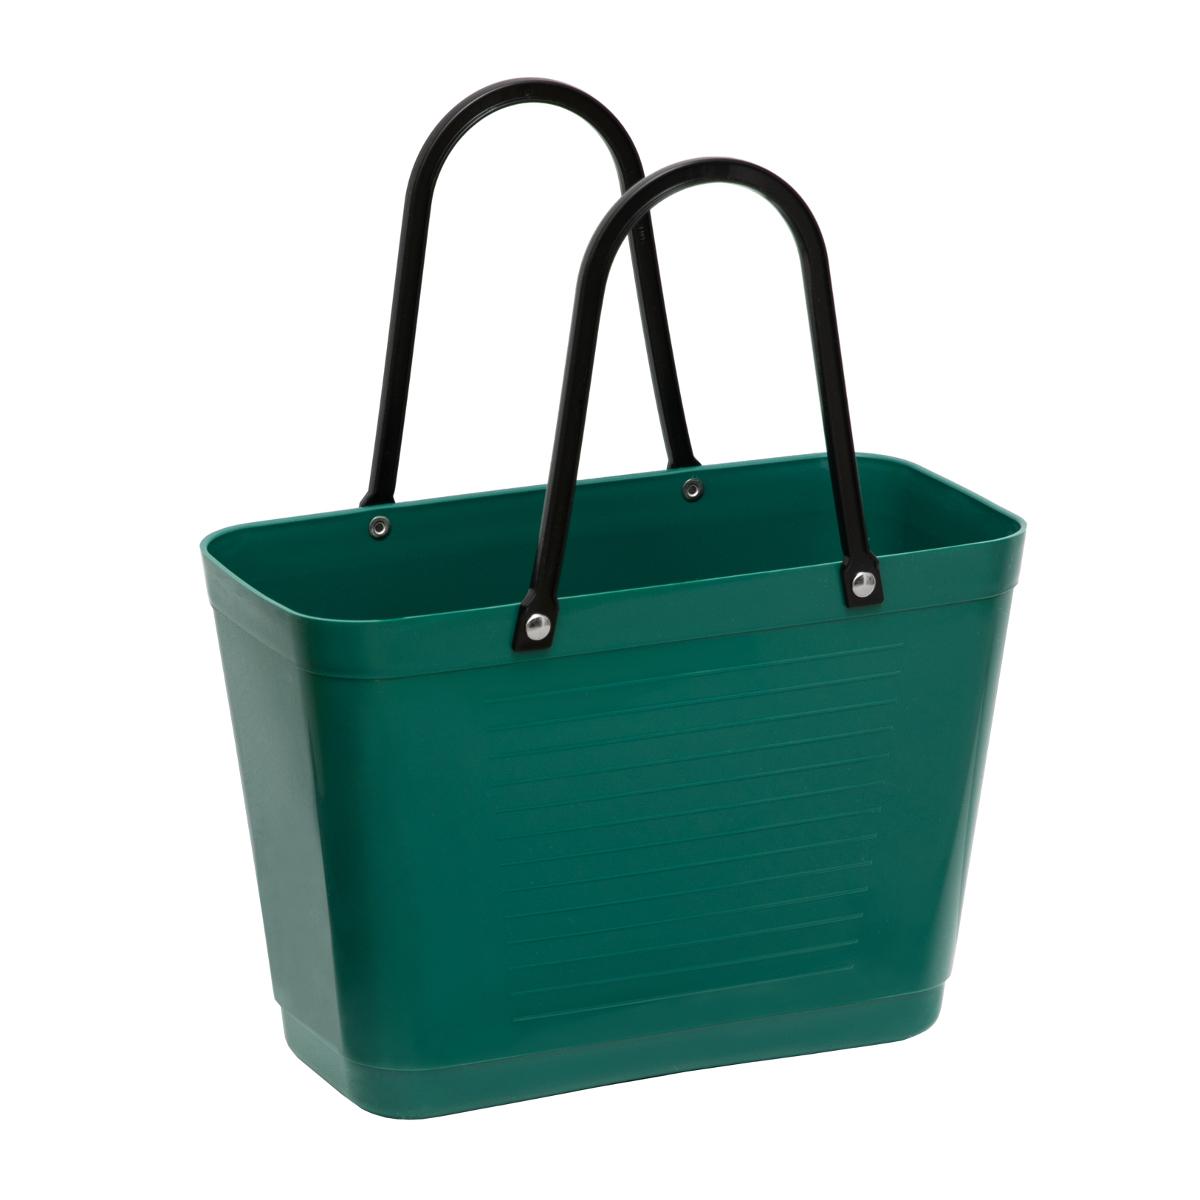 Väska Hinza Liten Mörkgrön Green Plastic